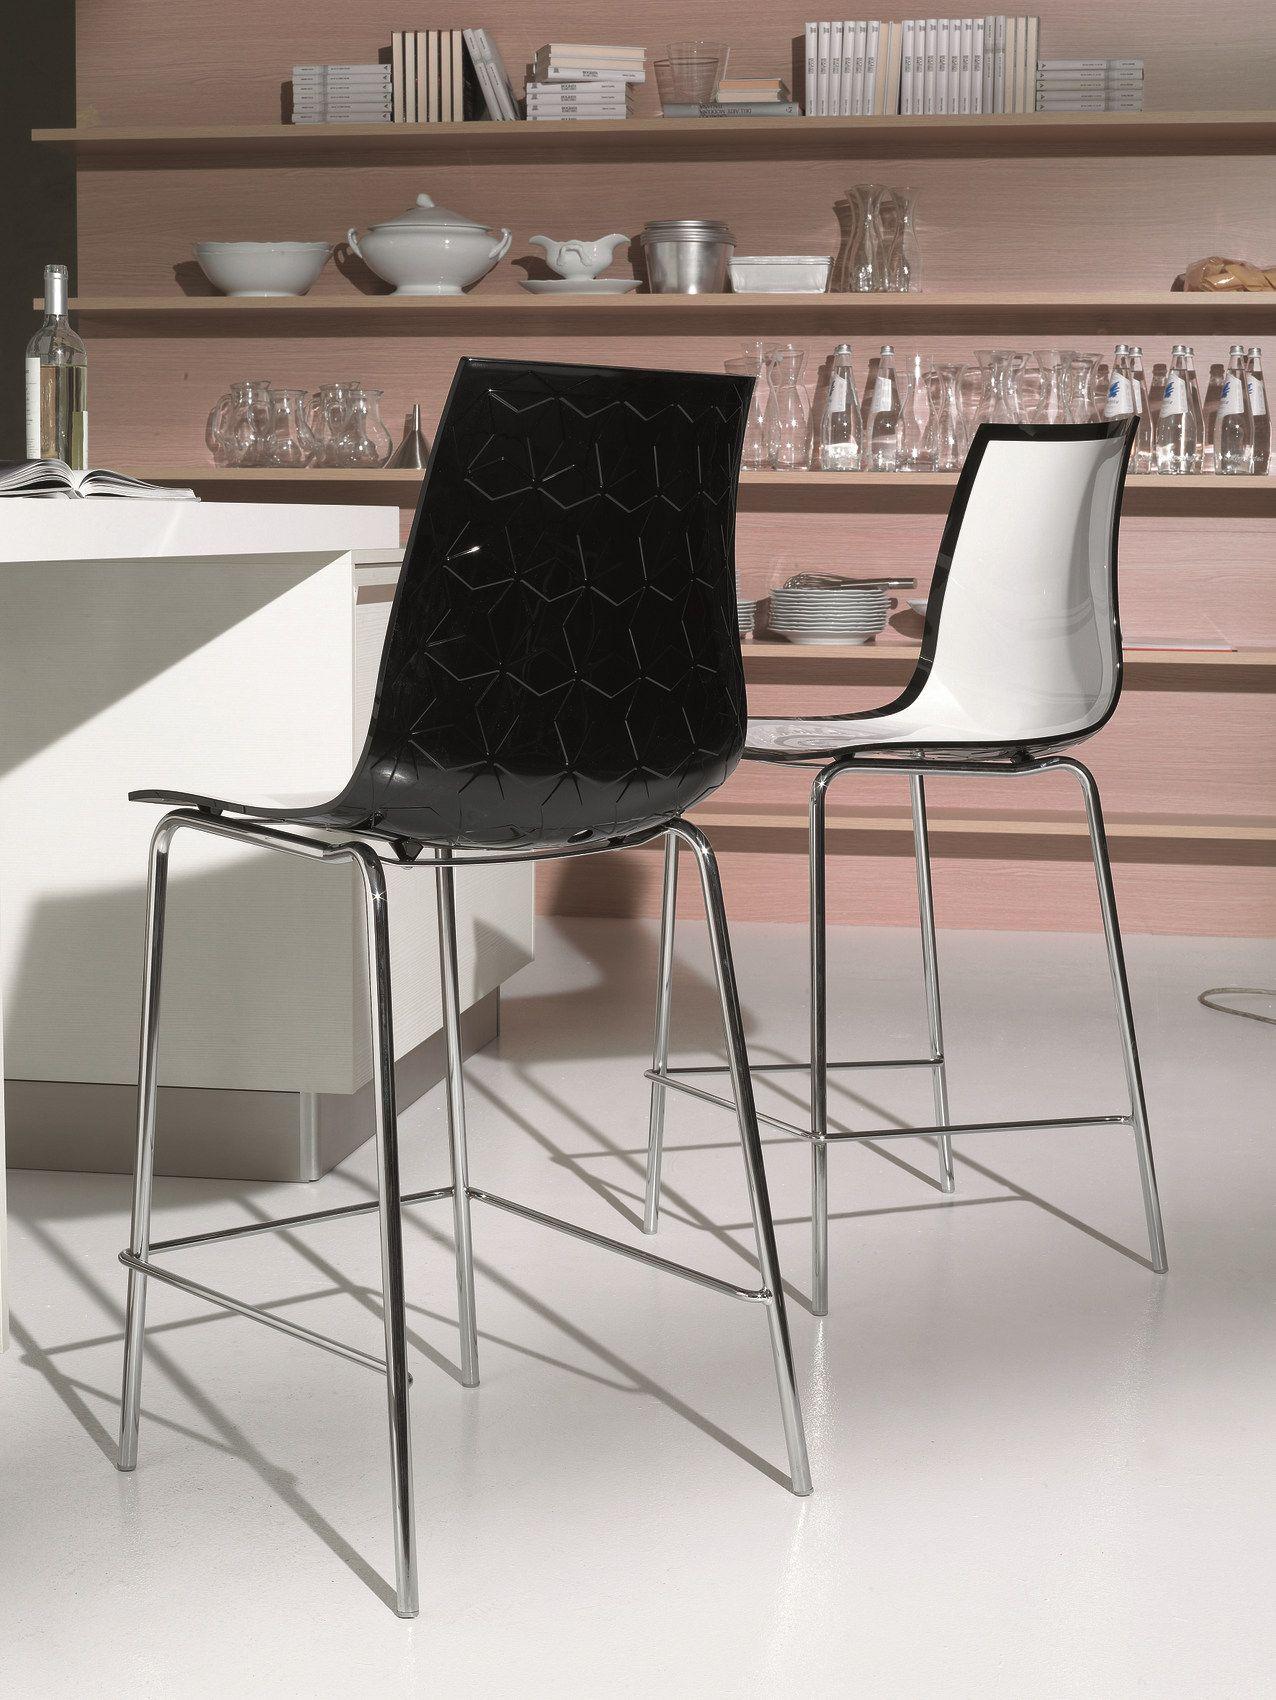 Sedia alta in policarbonato leyla collezione sgabelli by for Rivenditori sedie